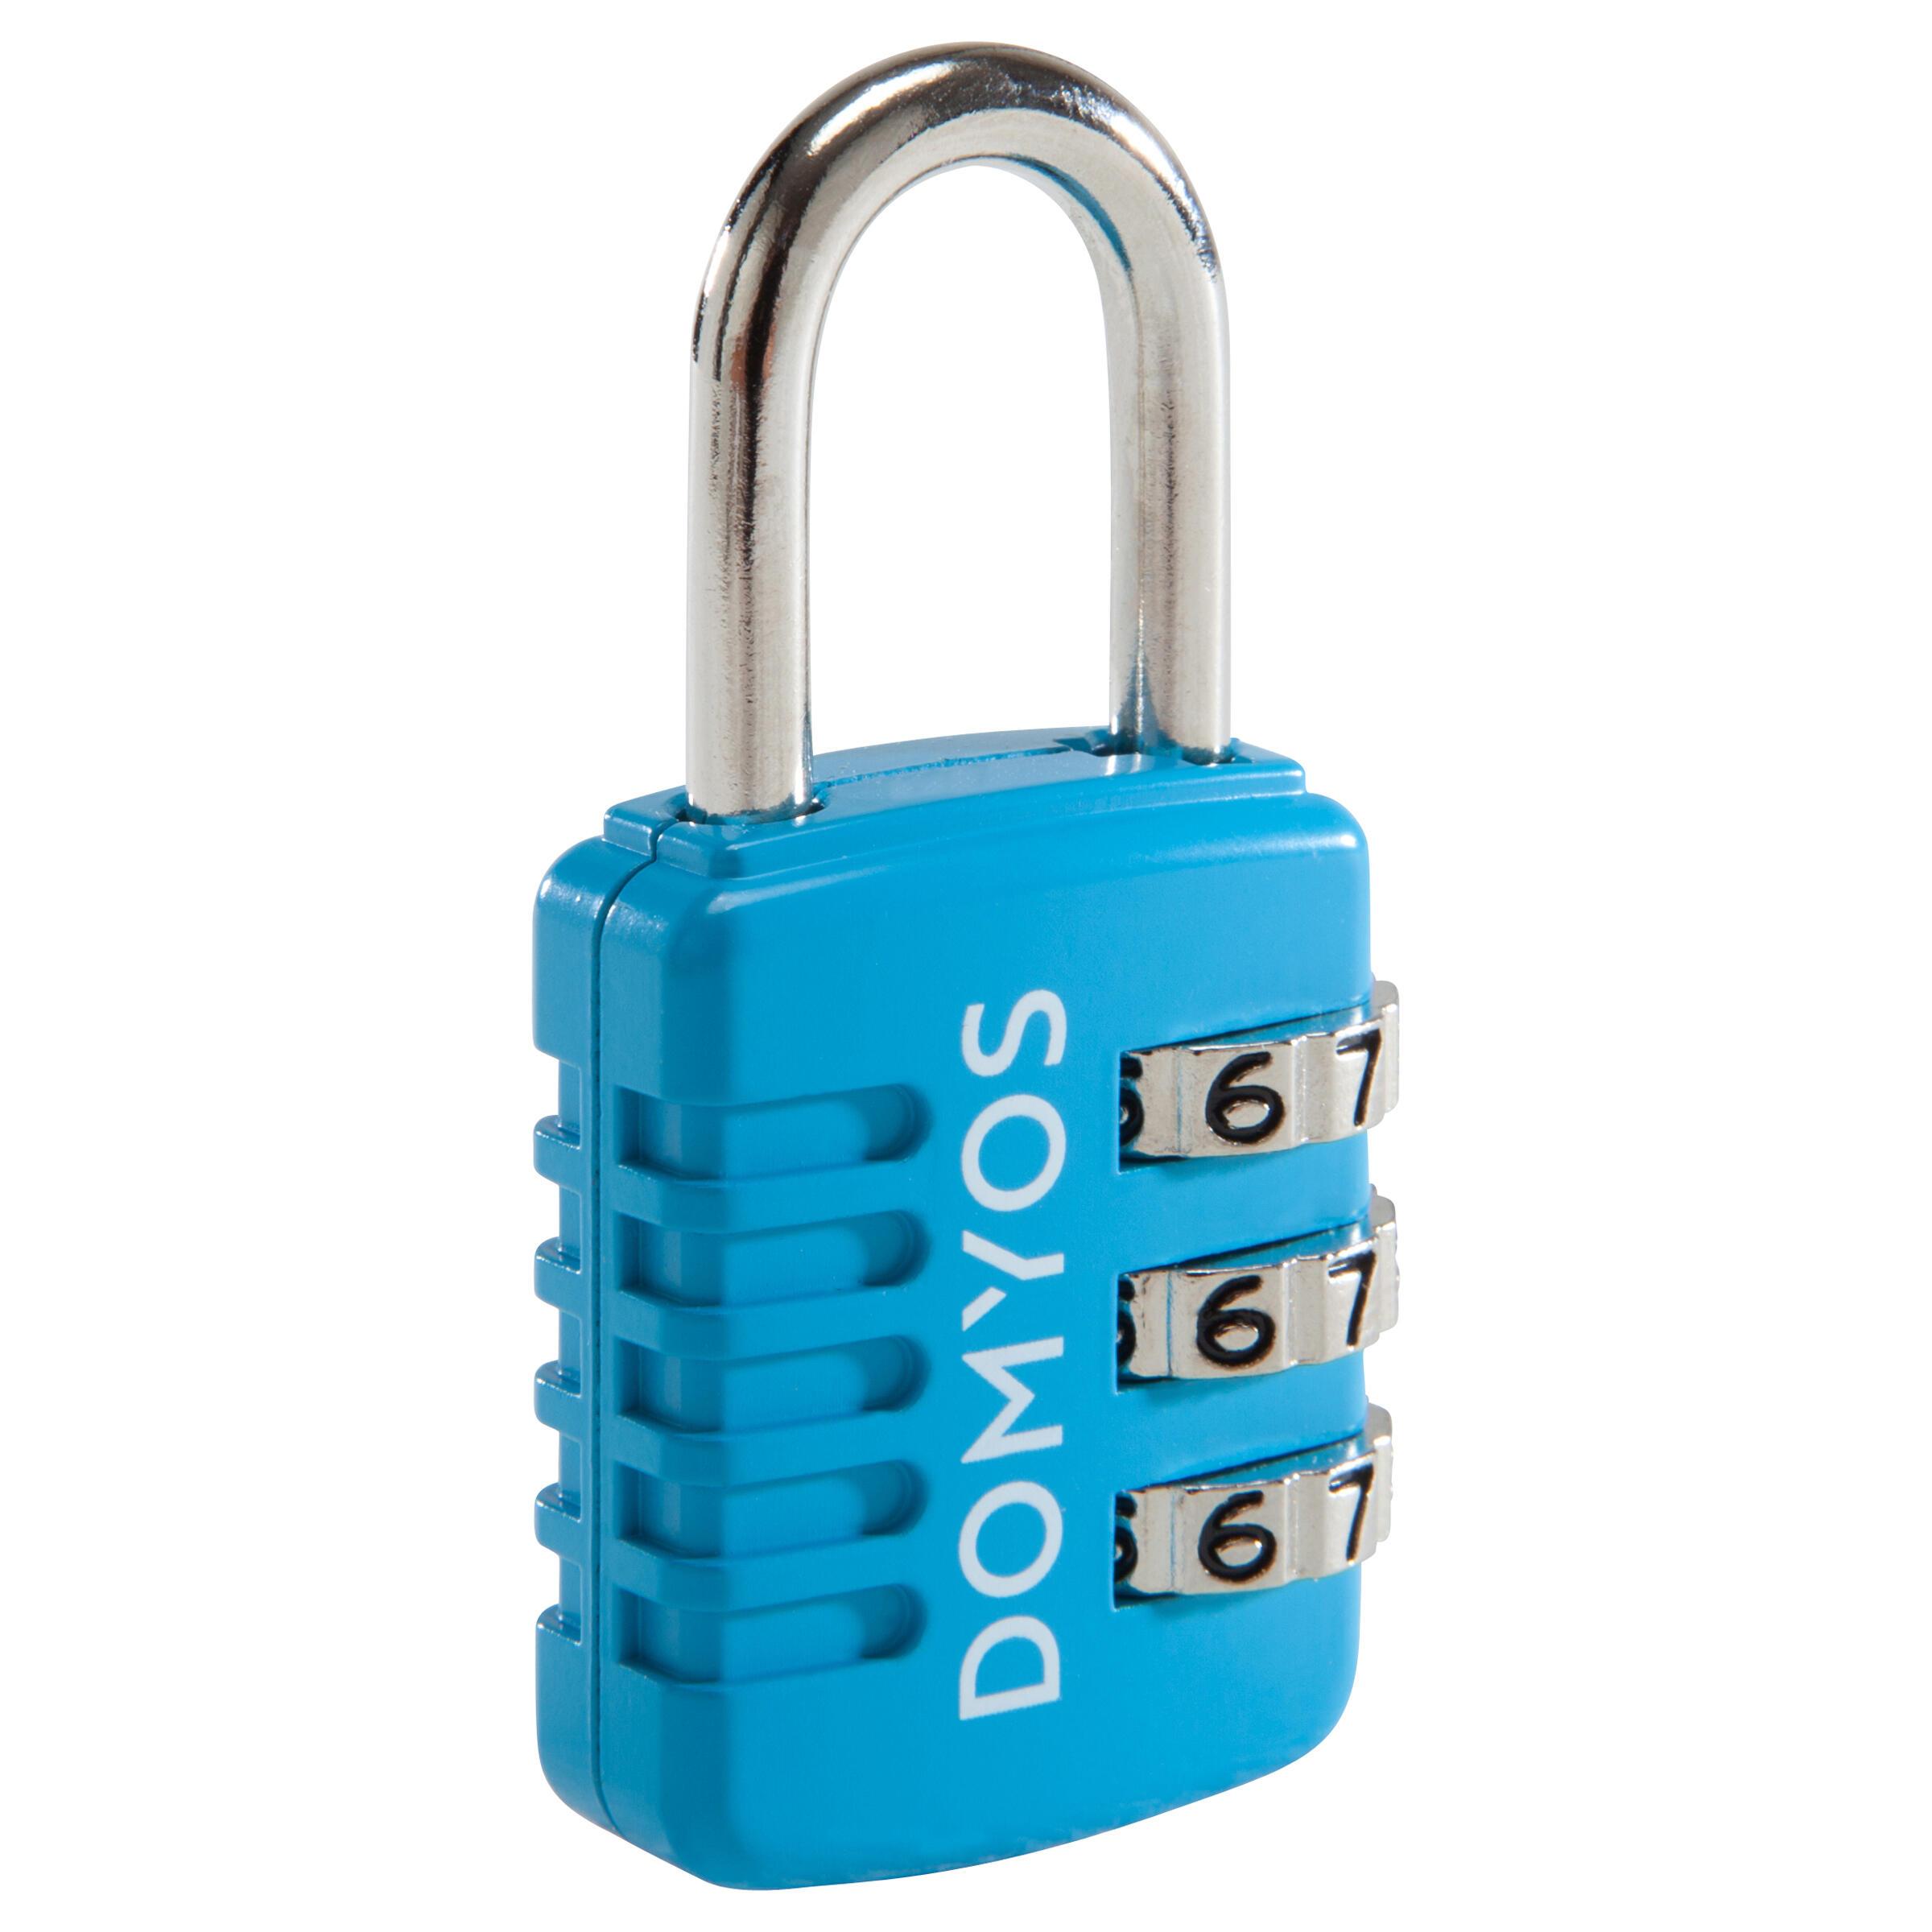 Combination Padlock - Blue By DOMYOS | Decathlon